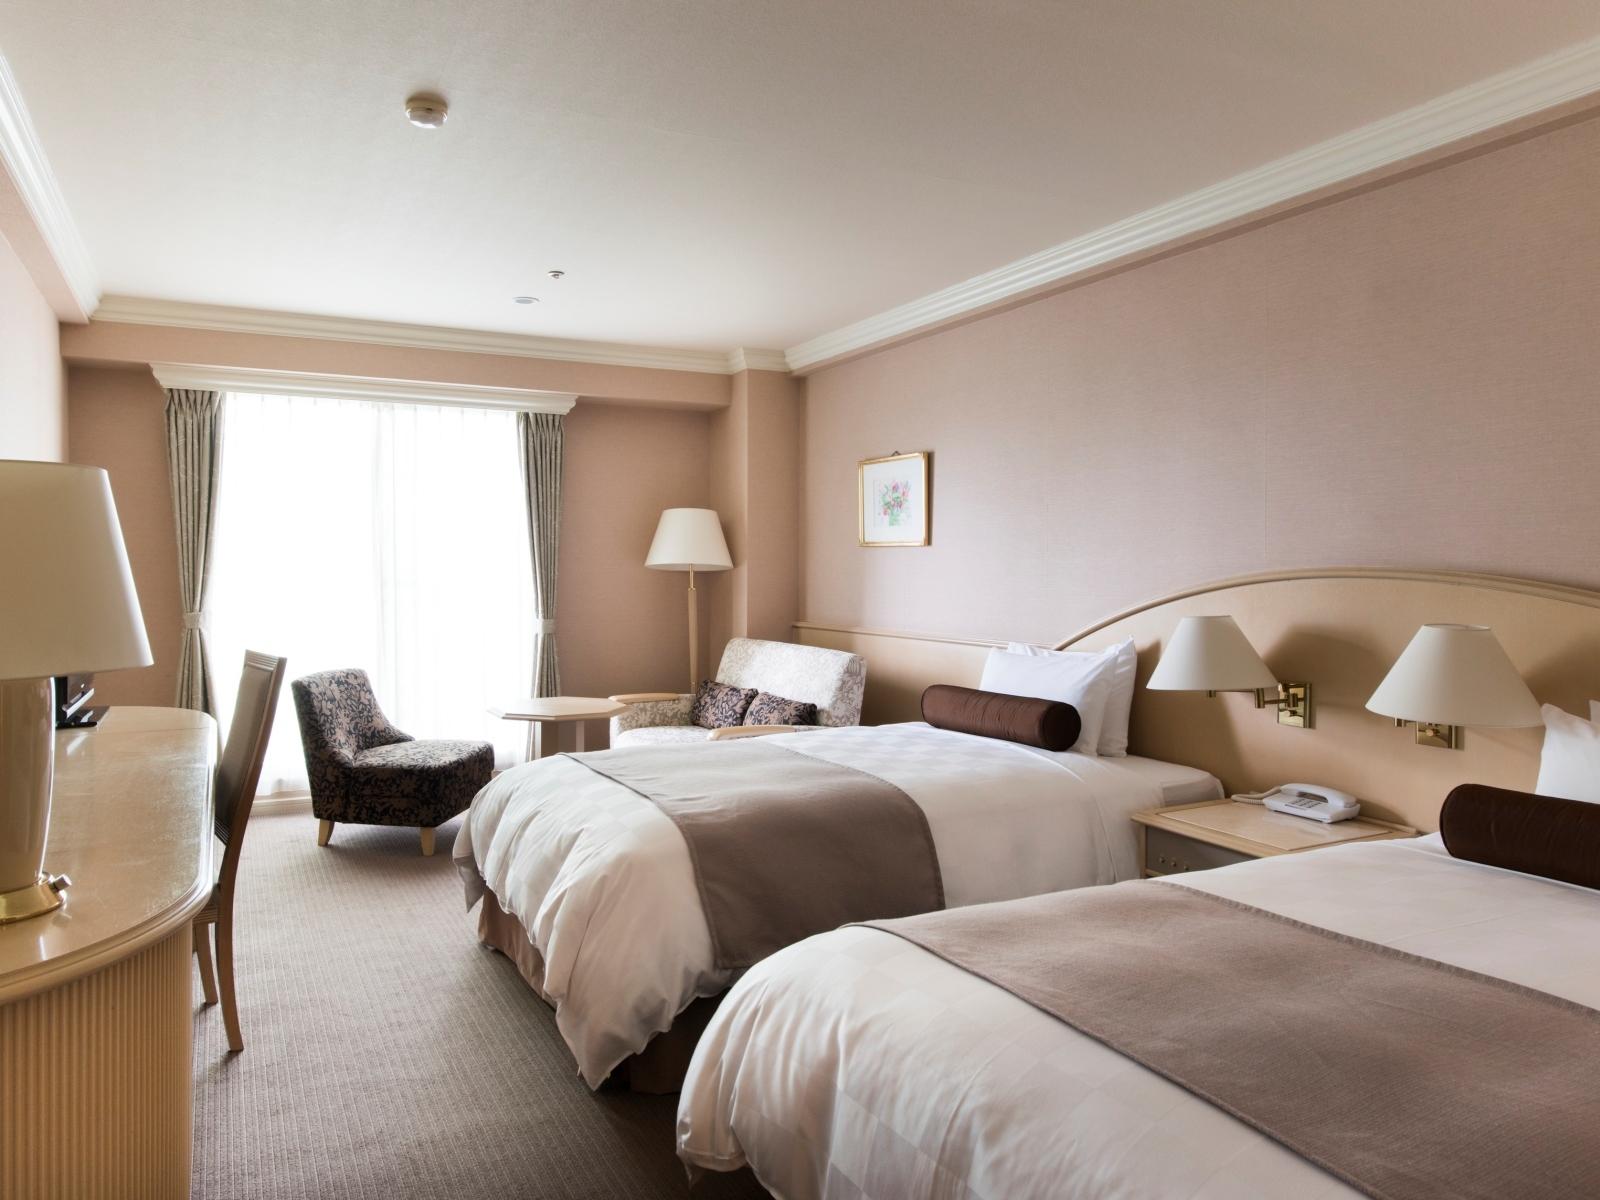 ルスツリゾートホテル&コンベンション / スタンダード洋室2-3名◆禁煙/33㎡【DP】